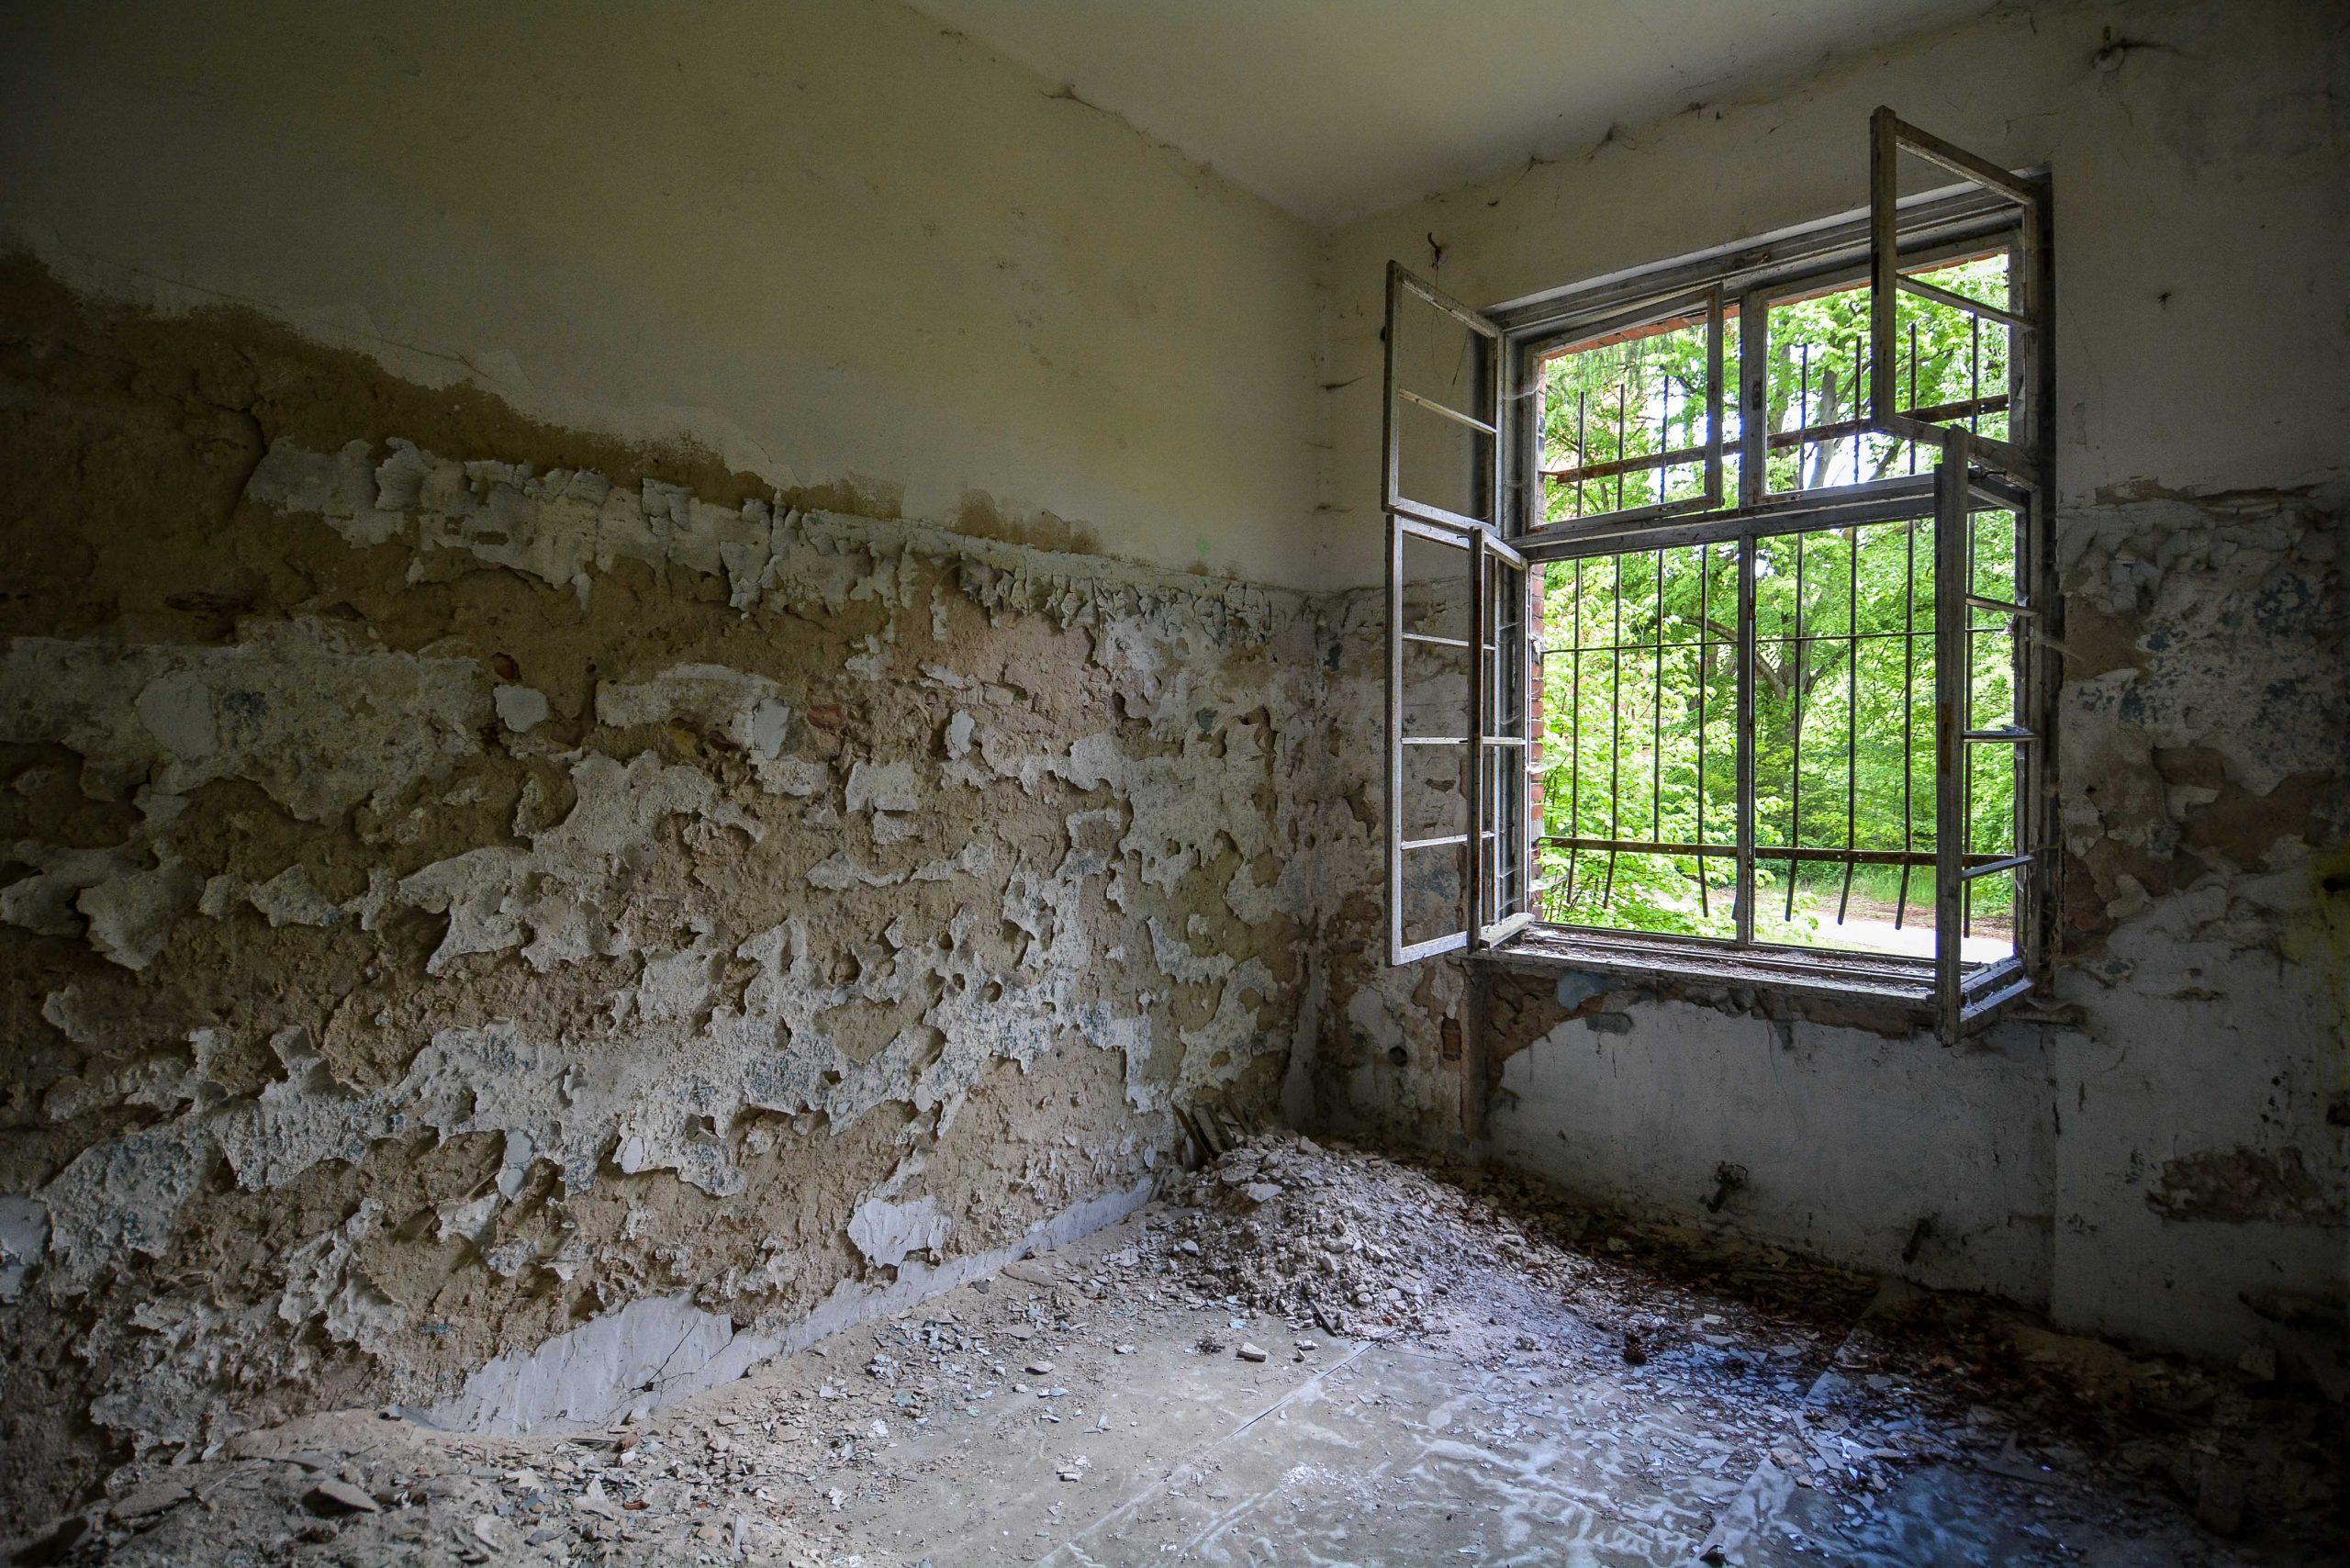 window bars tuberkulose heilstaette grabowsee sanatorium oranienburg lost places abandoned urbex brandenburg germany deutschland